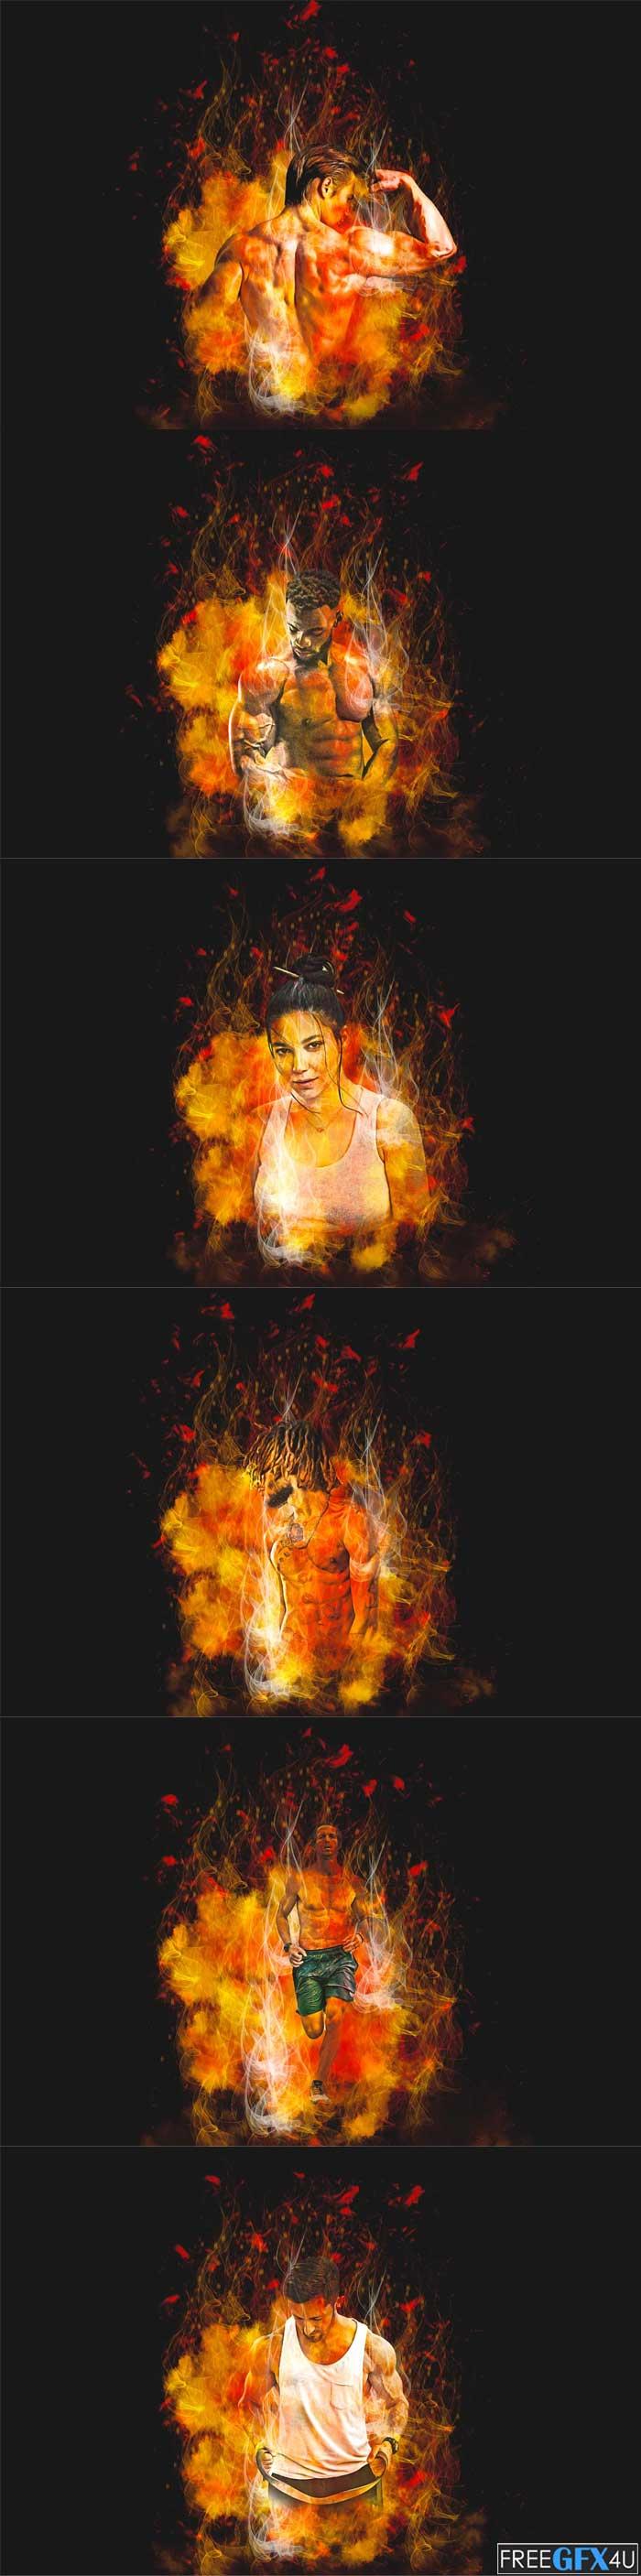 Burning Effect Photoshop Action